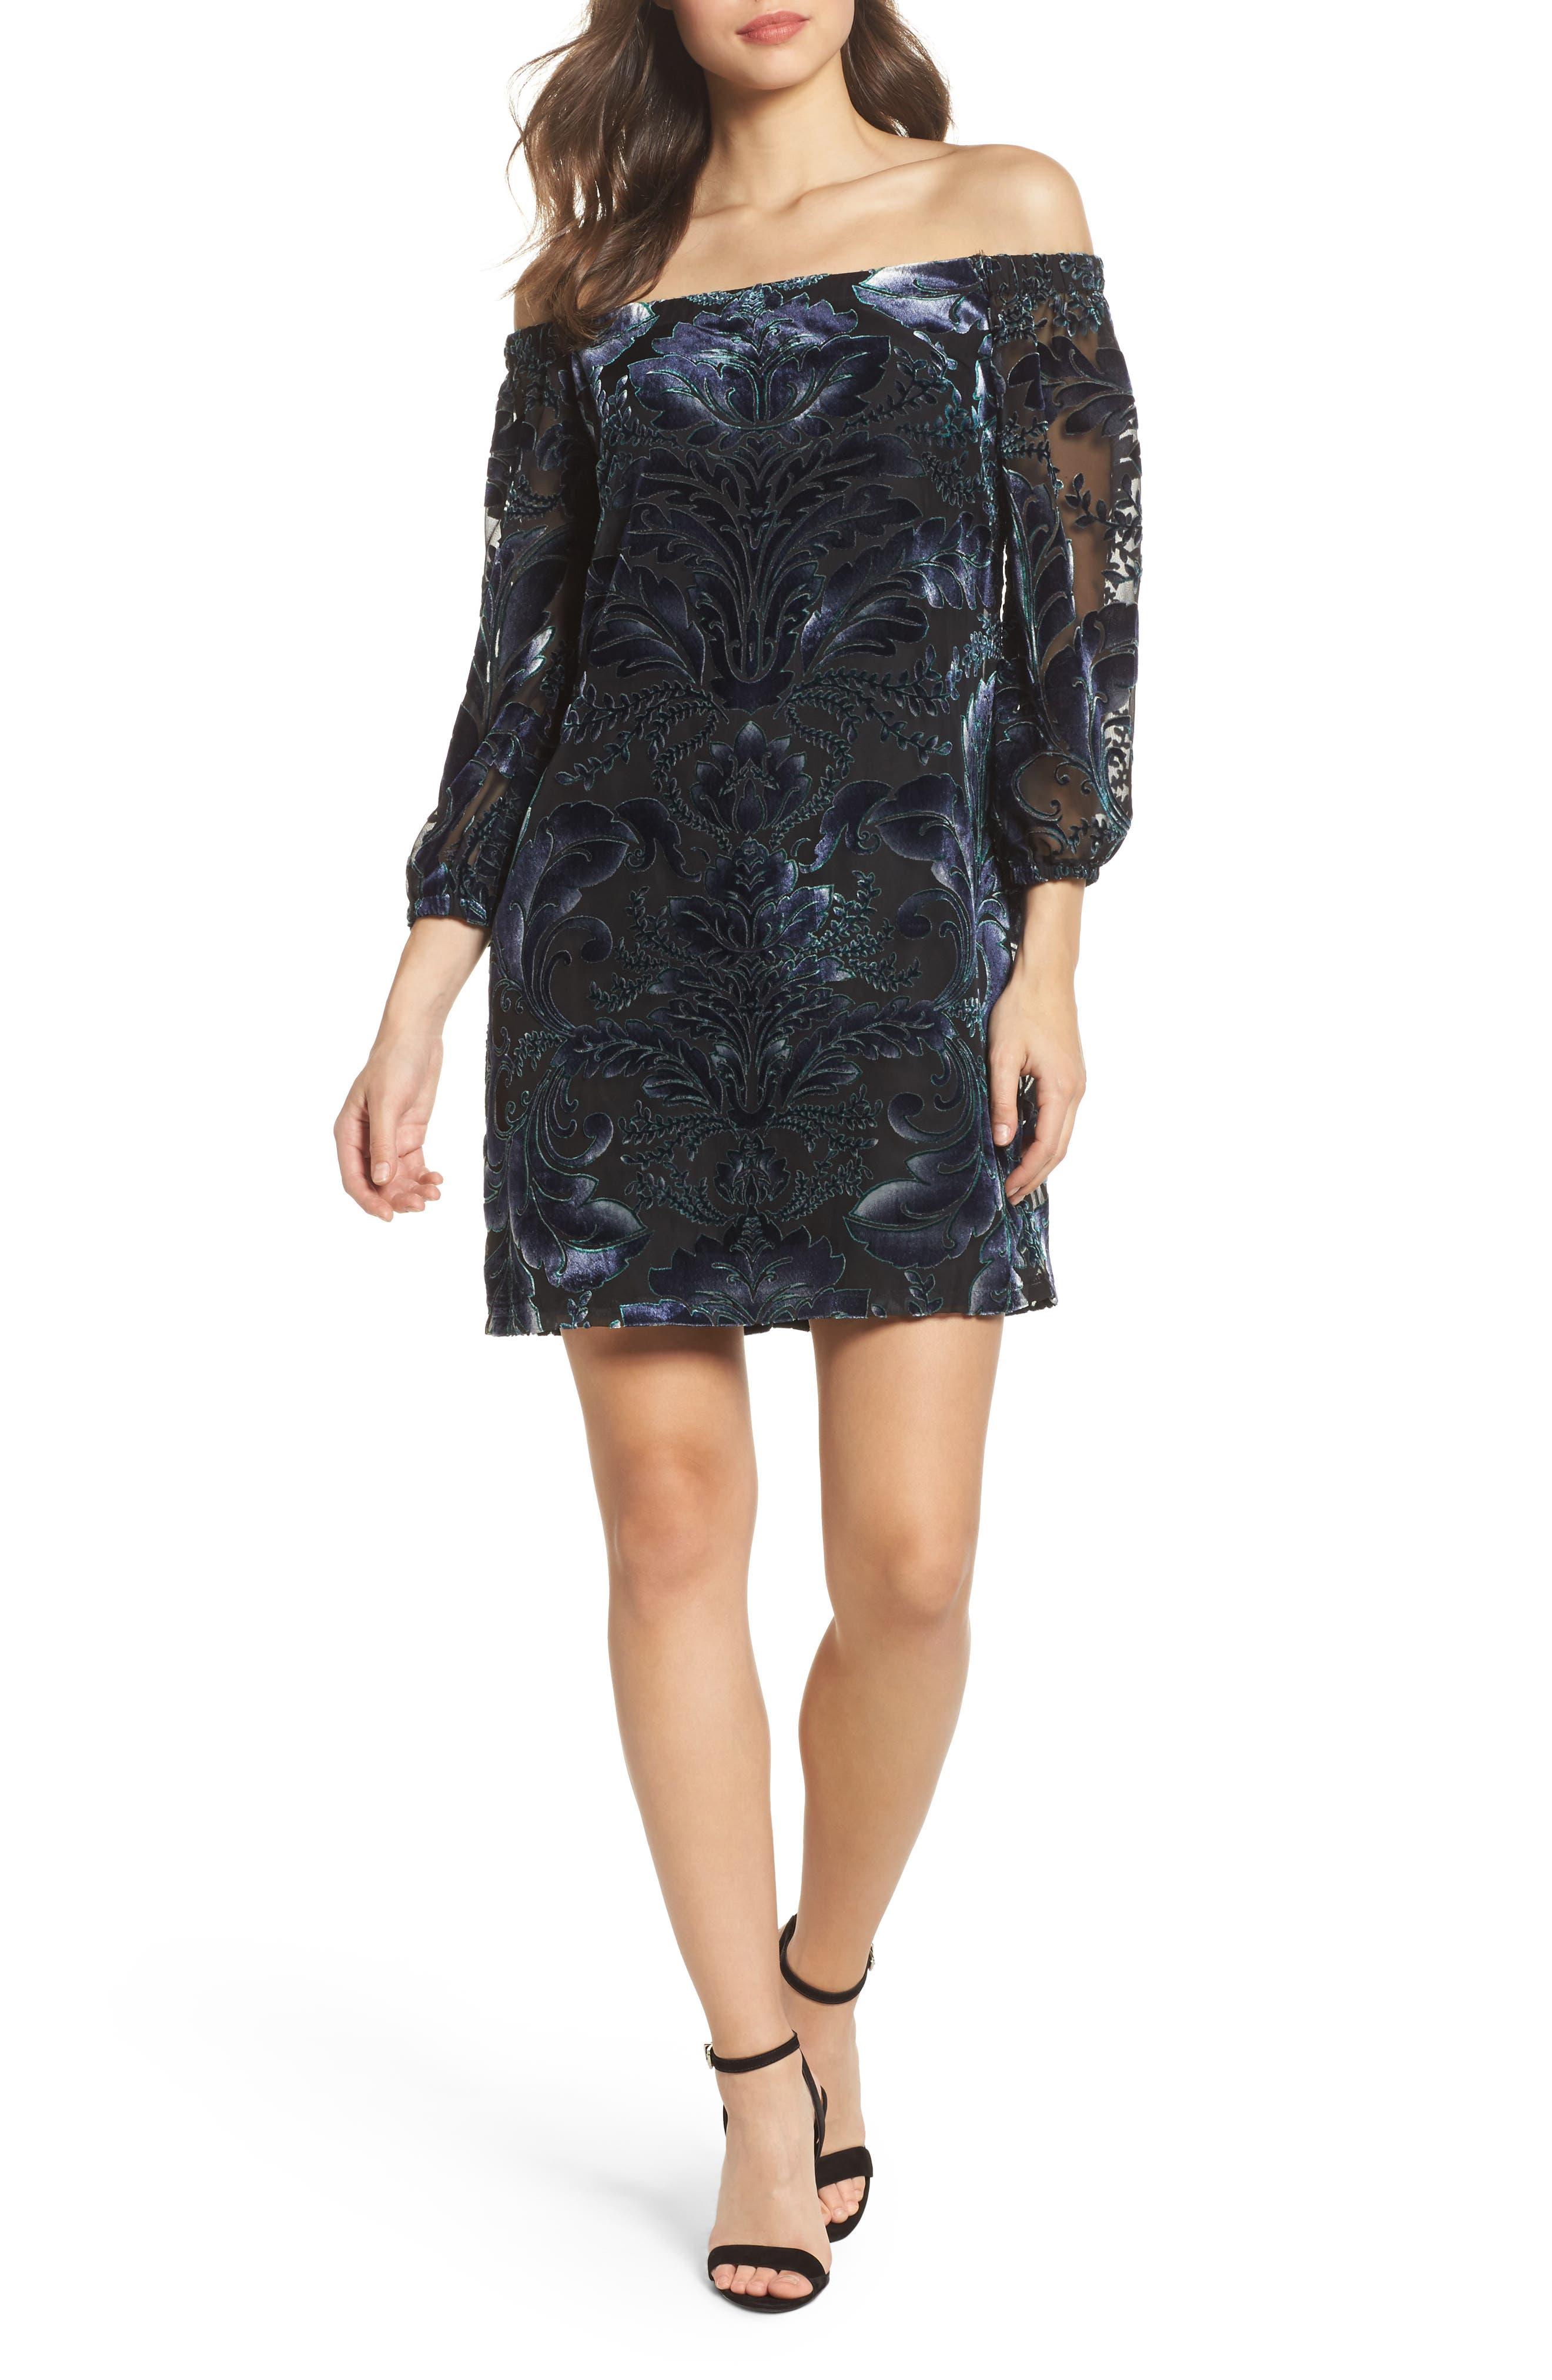 Alternate Image 1 Selected - Vince Camuto Off the Shoulder Velvet Dress